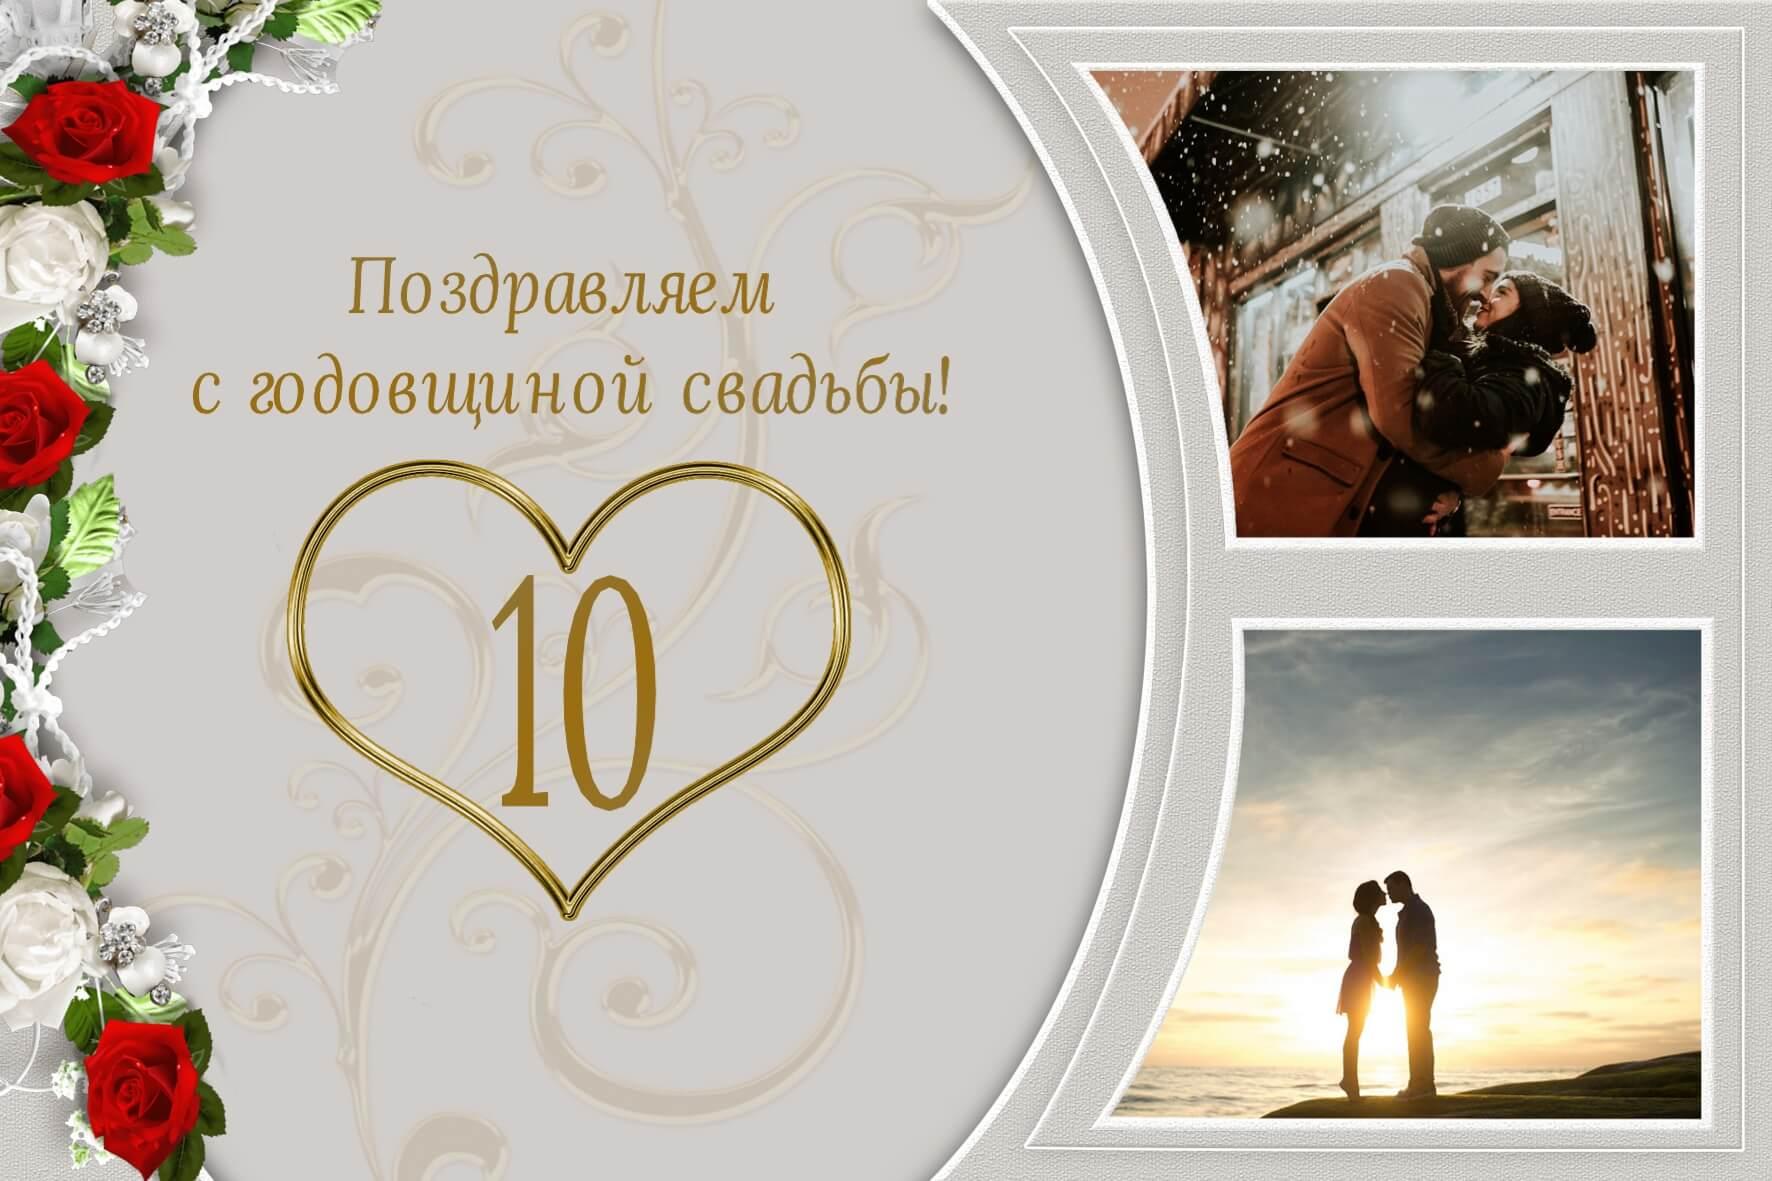 Пример открытки, сделанной из фотографии в программе ФотоКОЛЛАЖ